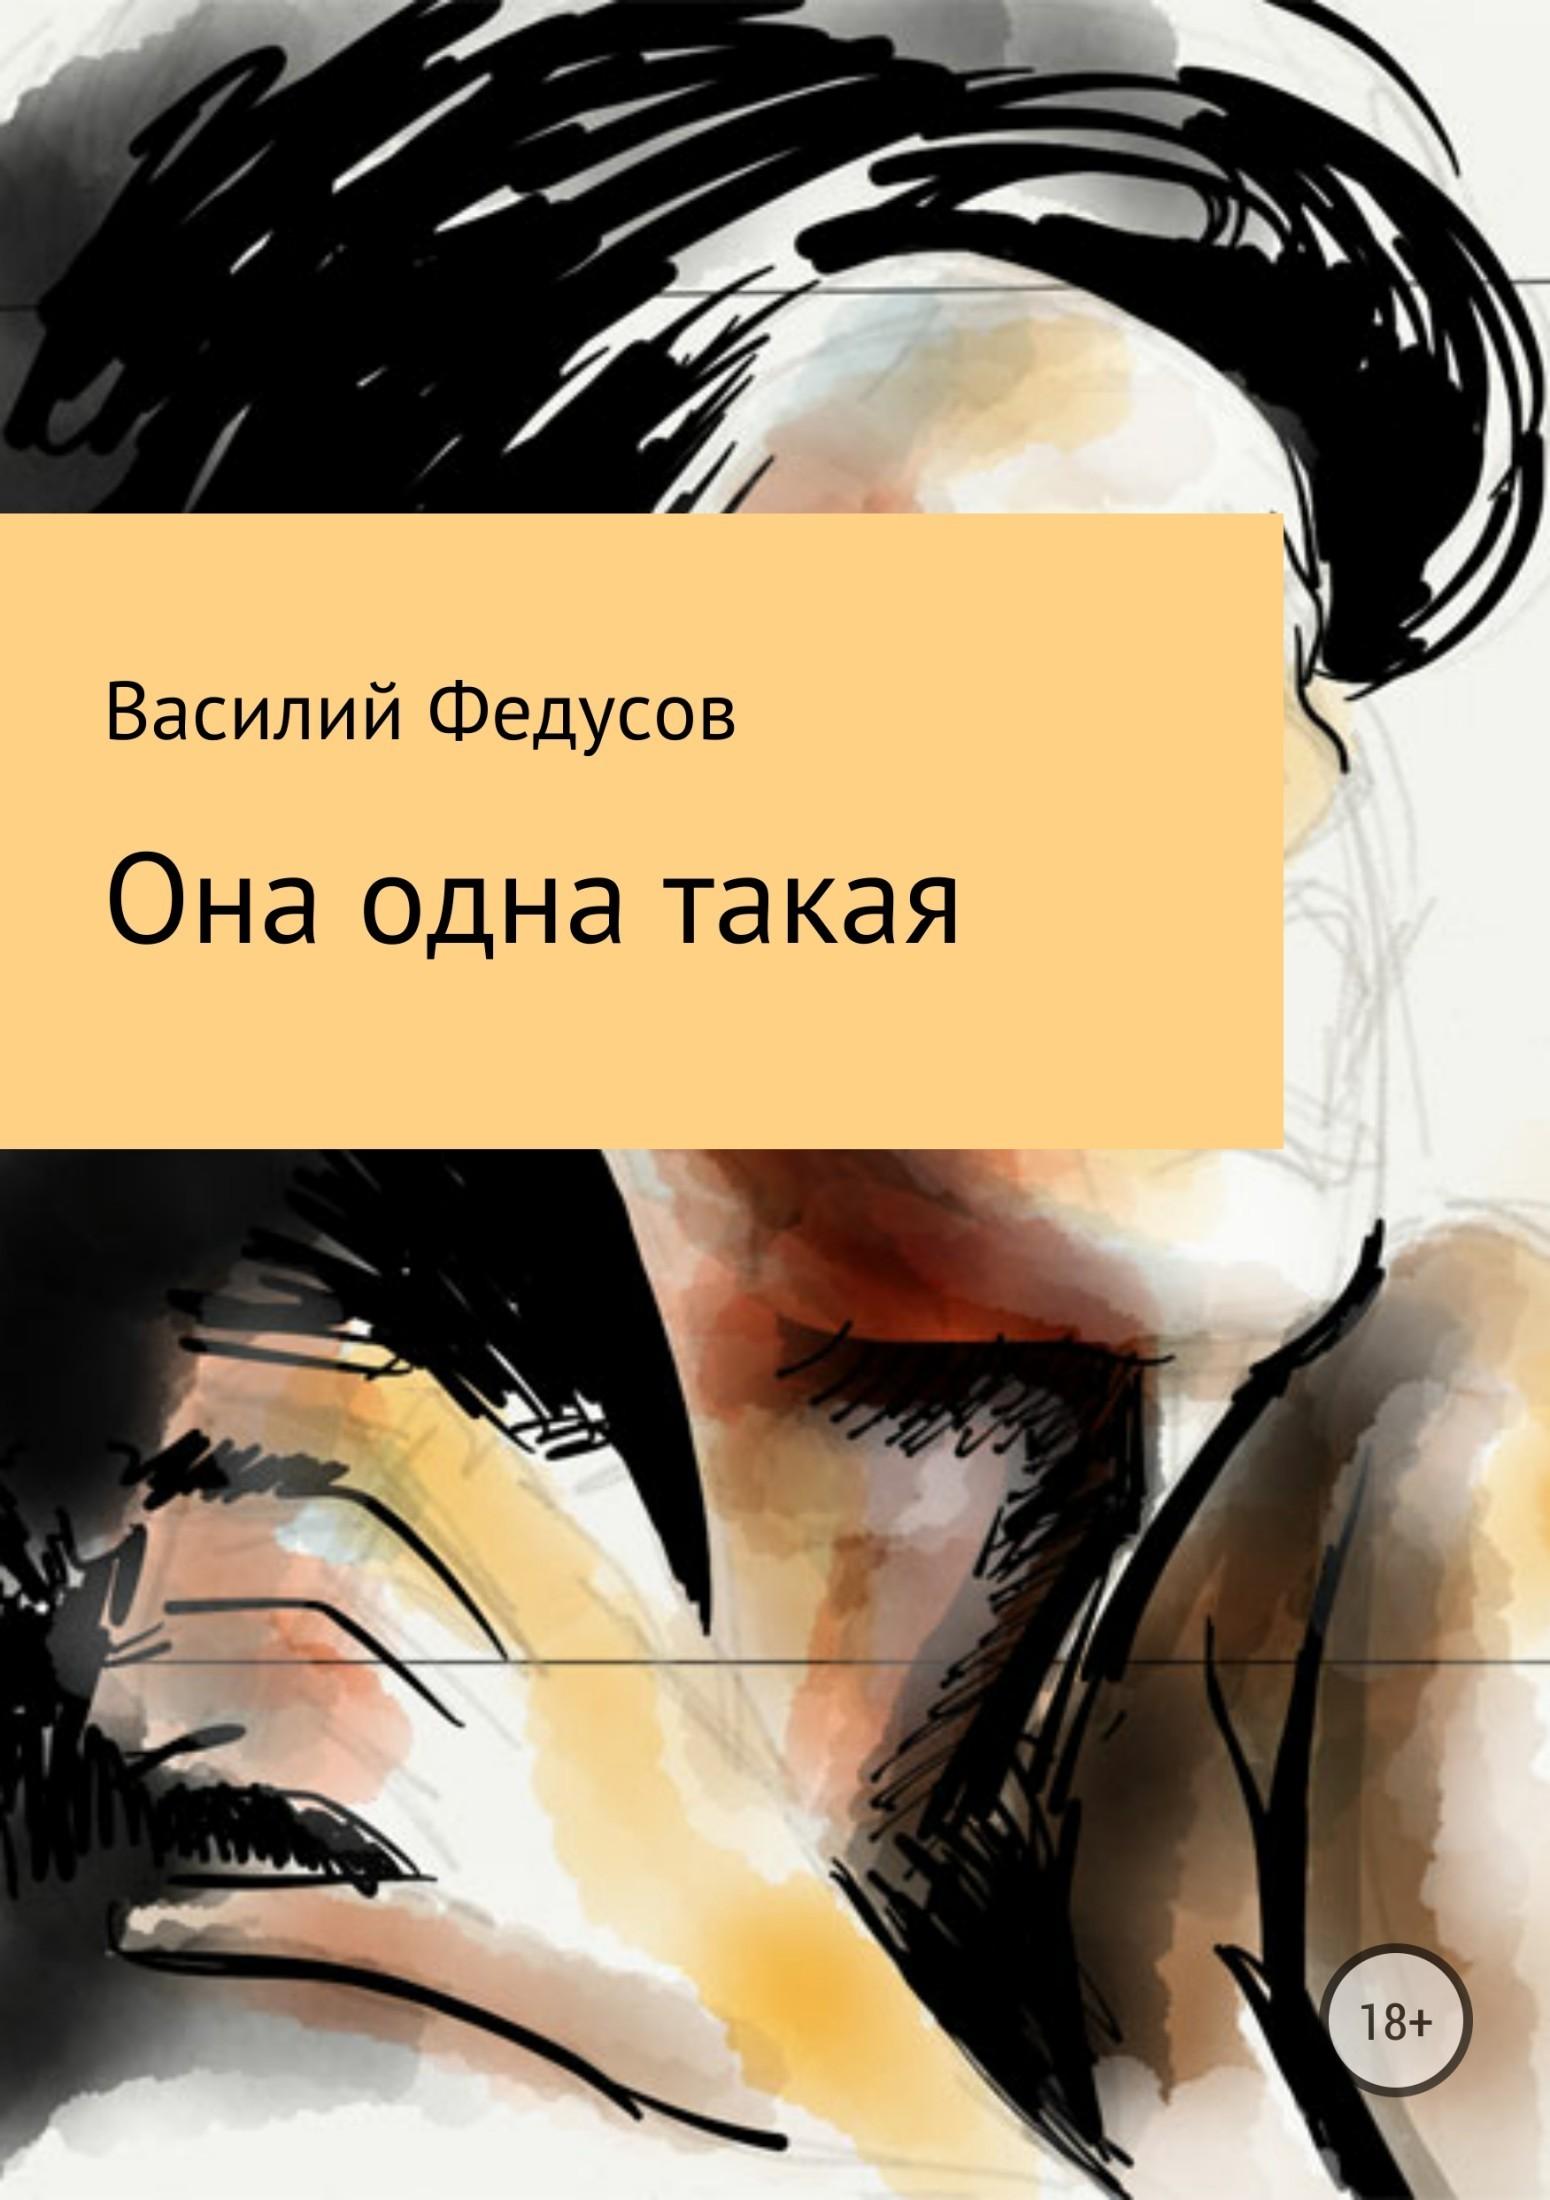 Василий Владимирович Федусов Она одна такая афанасьев василий владимирович слюнные железы болезни и травмы